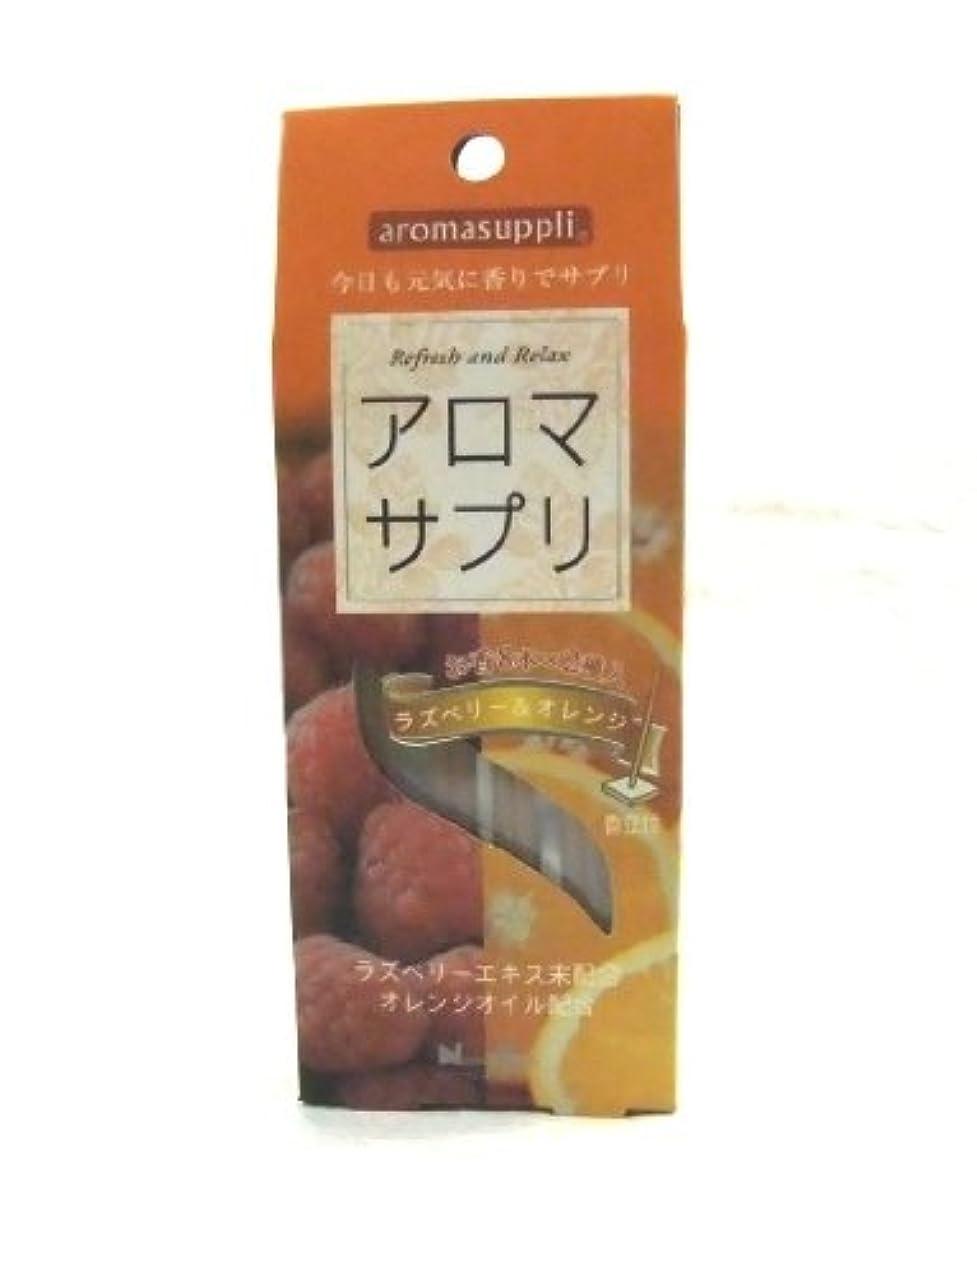 準備ができて私たちスキルお香 アロマサプリ<ラズベリー&オレンジ> 2種類の香り× 各8本入 香立付